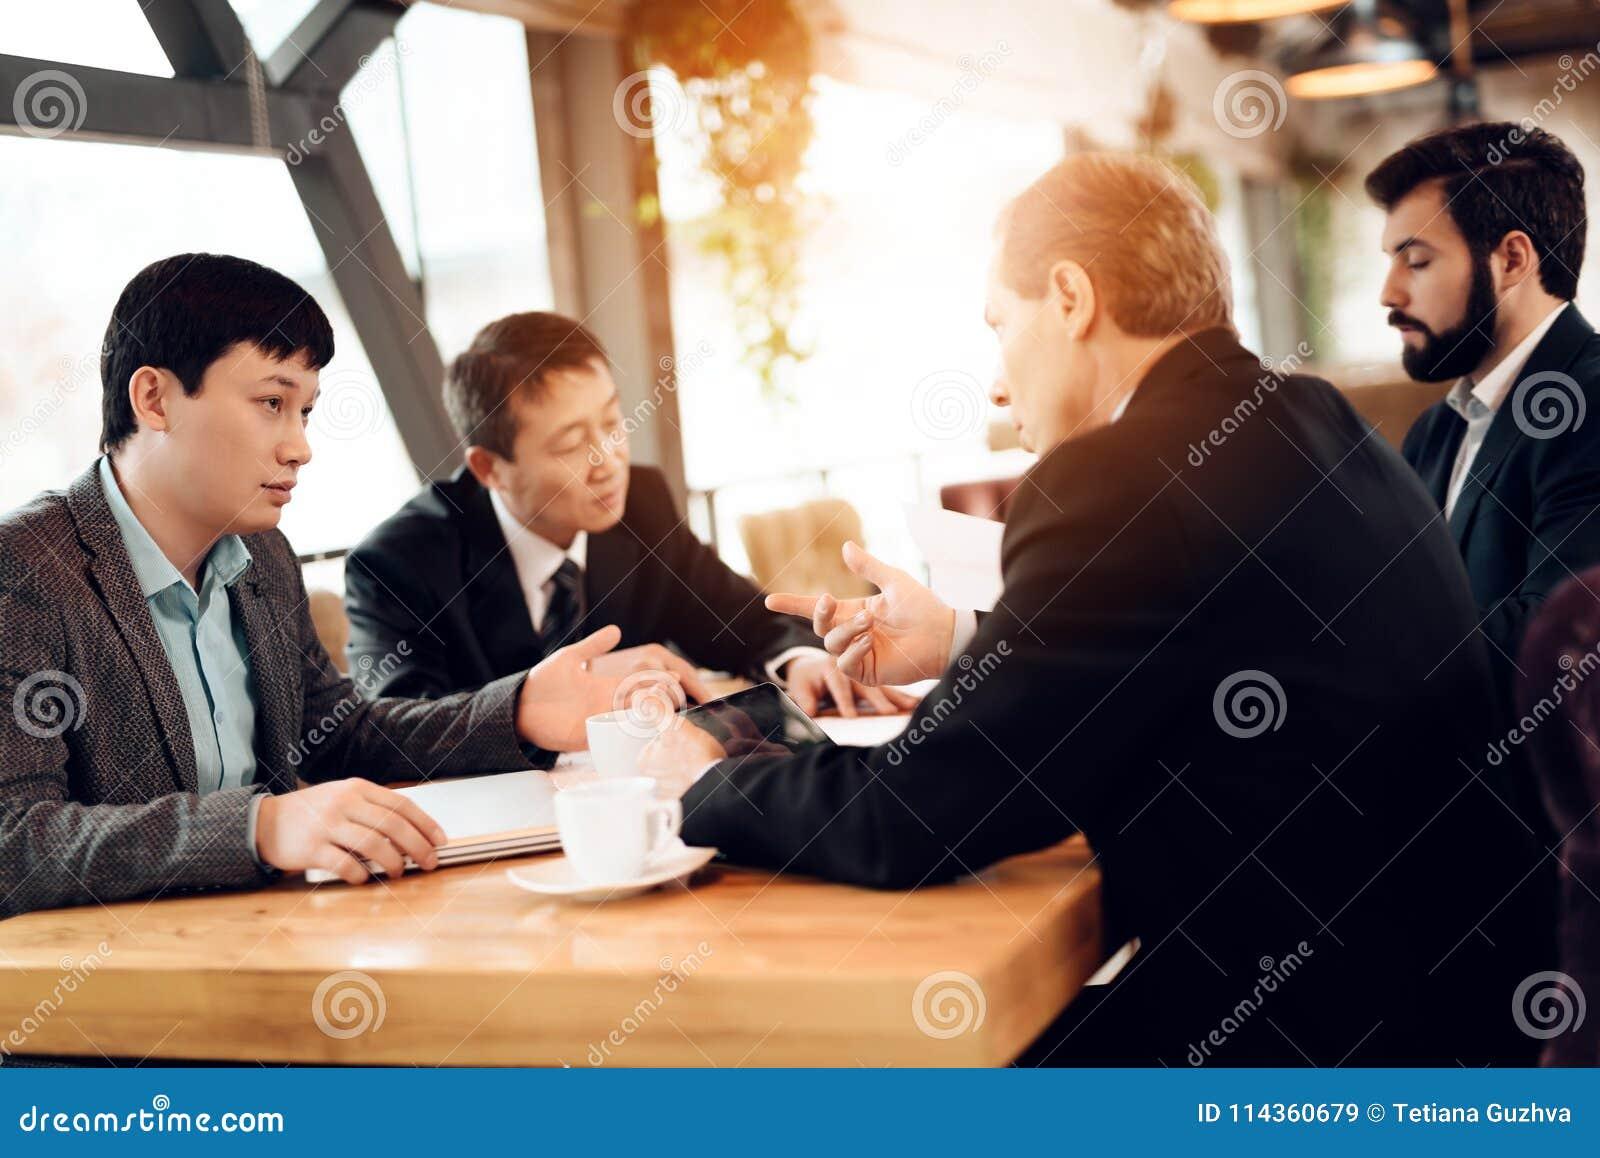 rencontre des hommes chinois